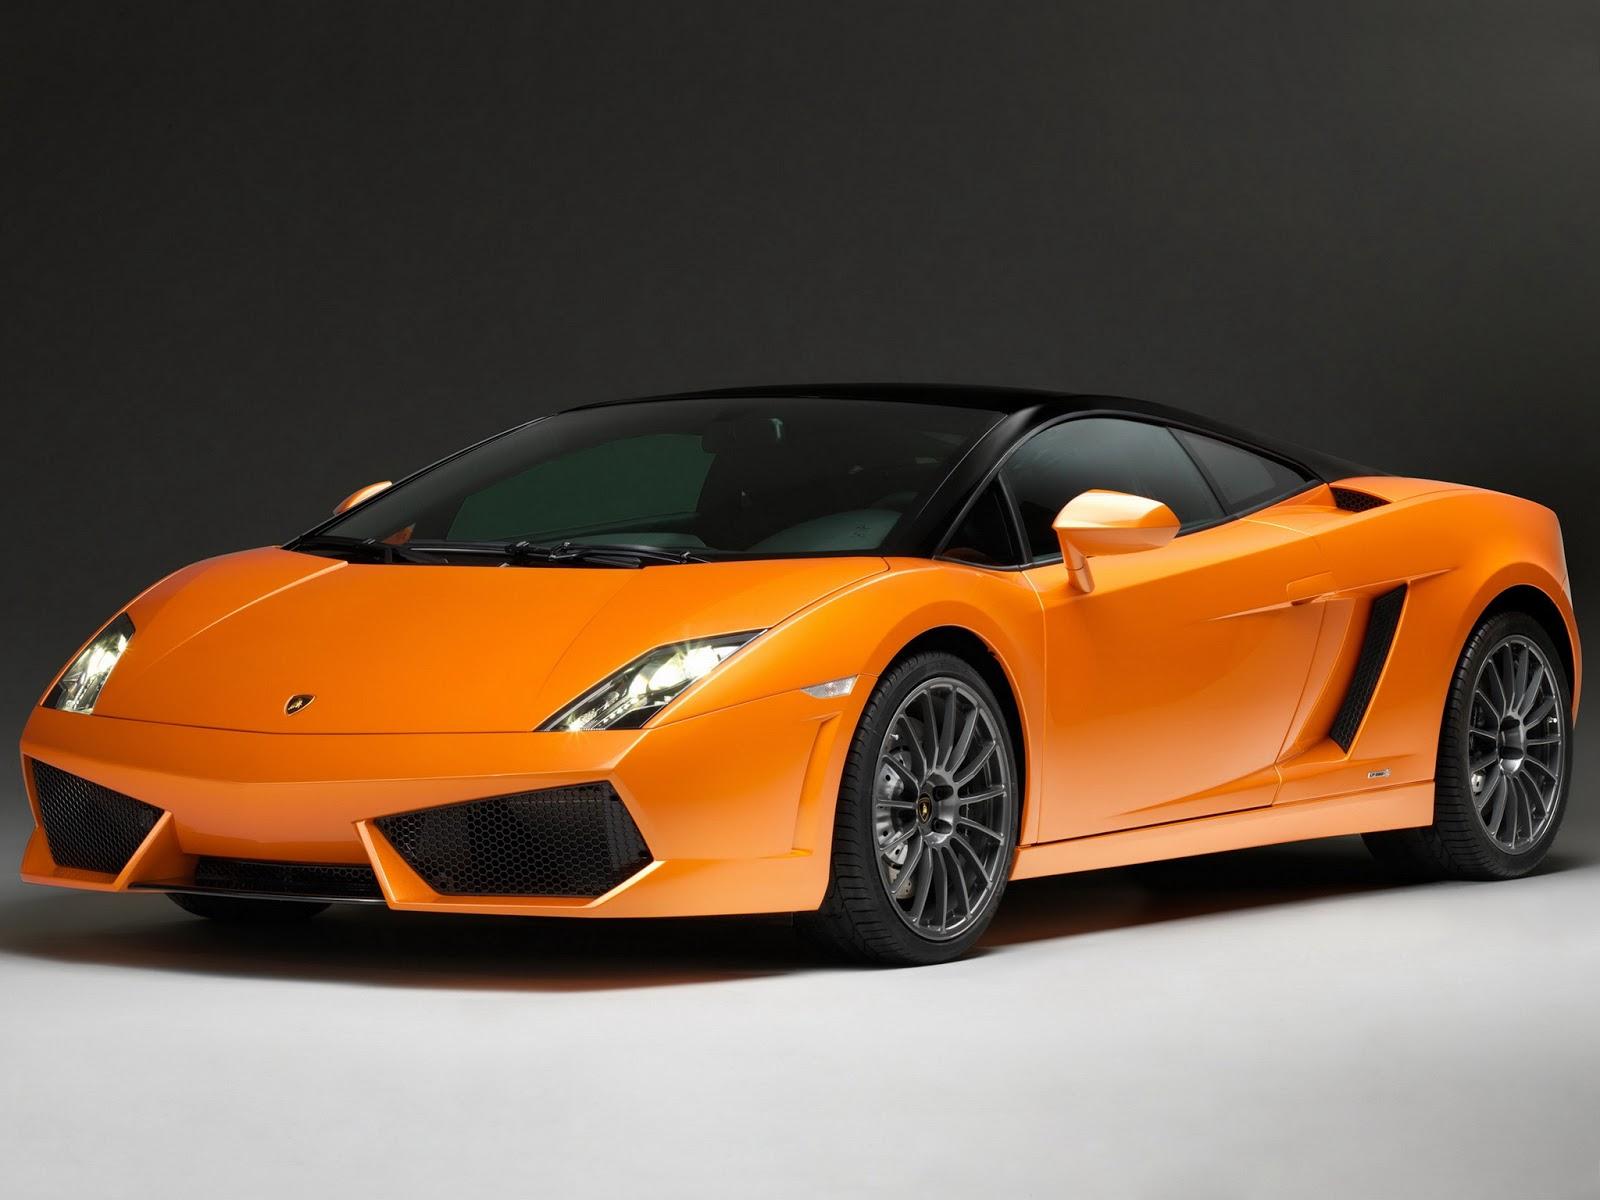 Orange Cars 171 Cars